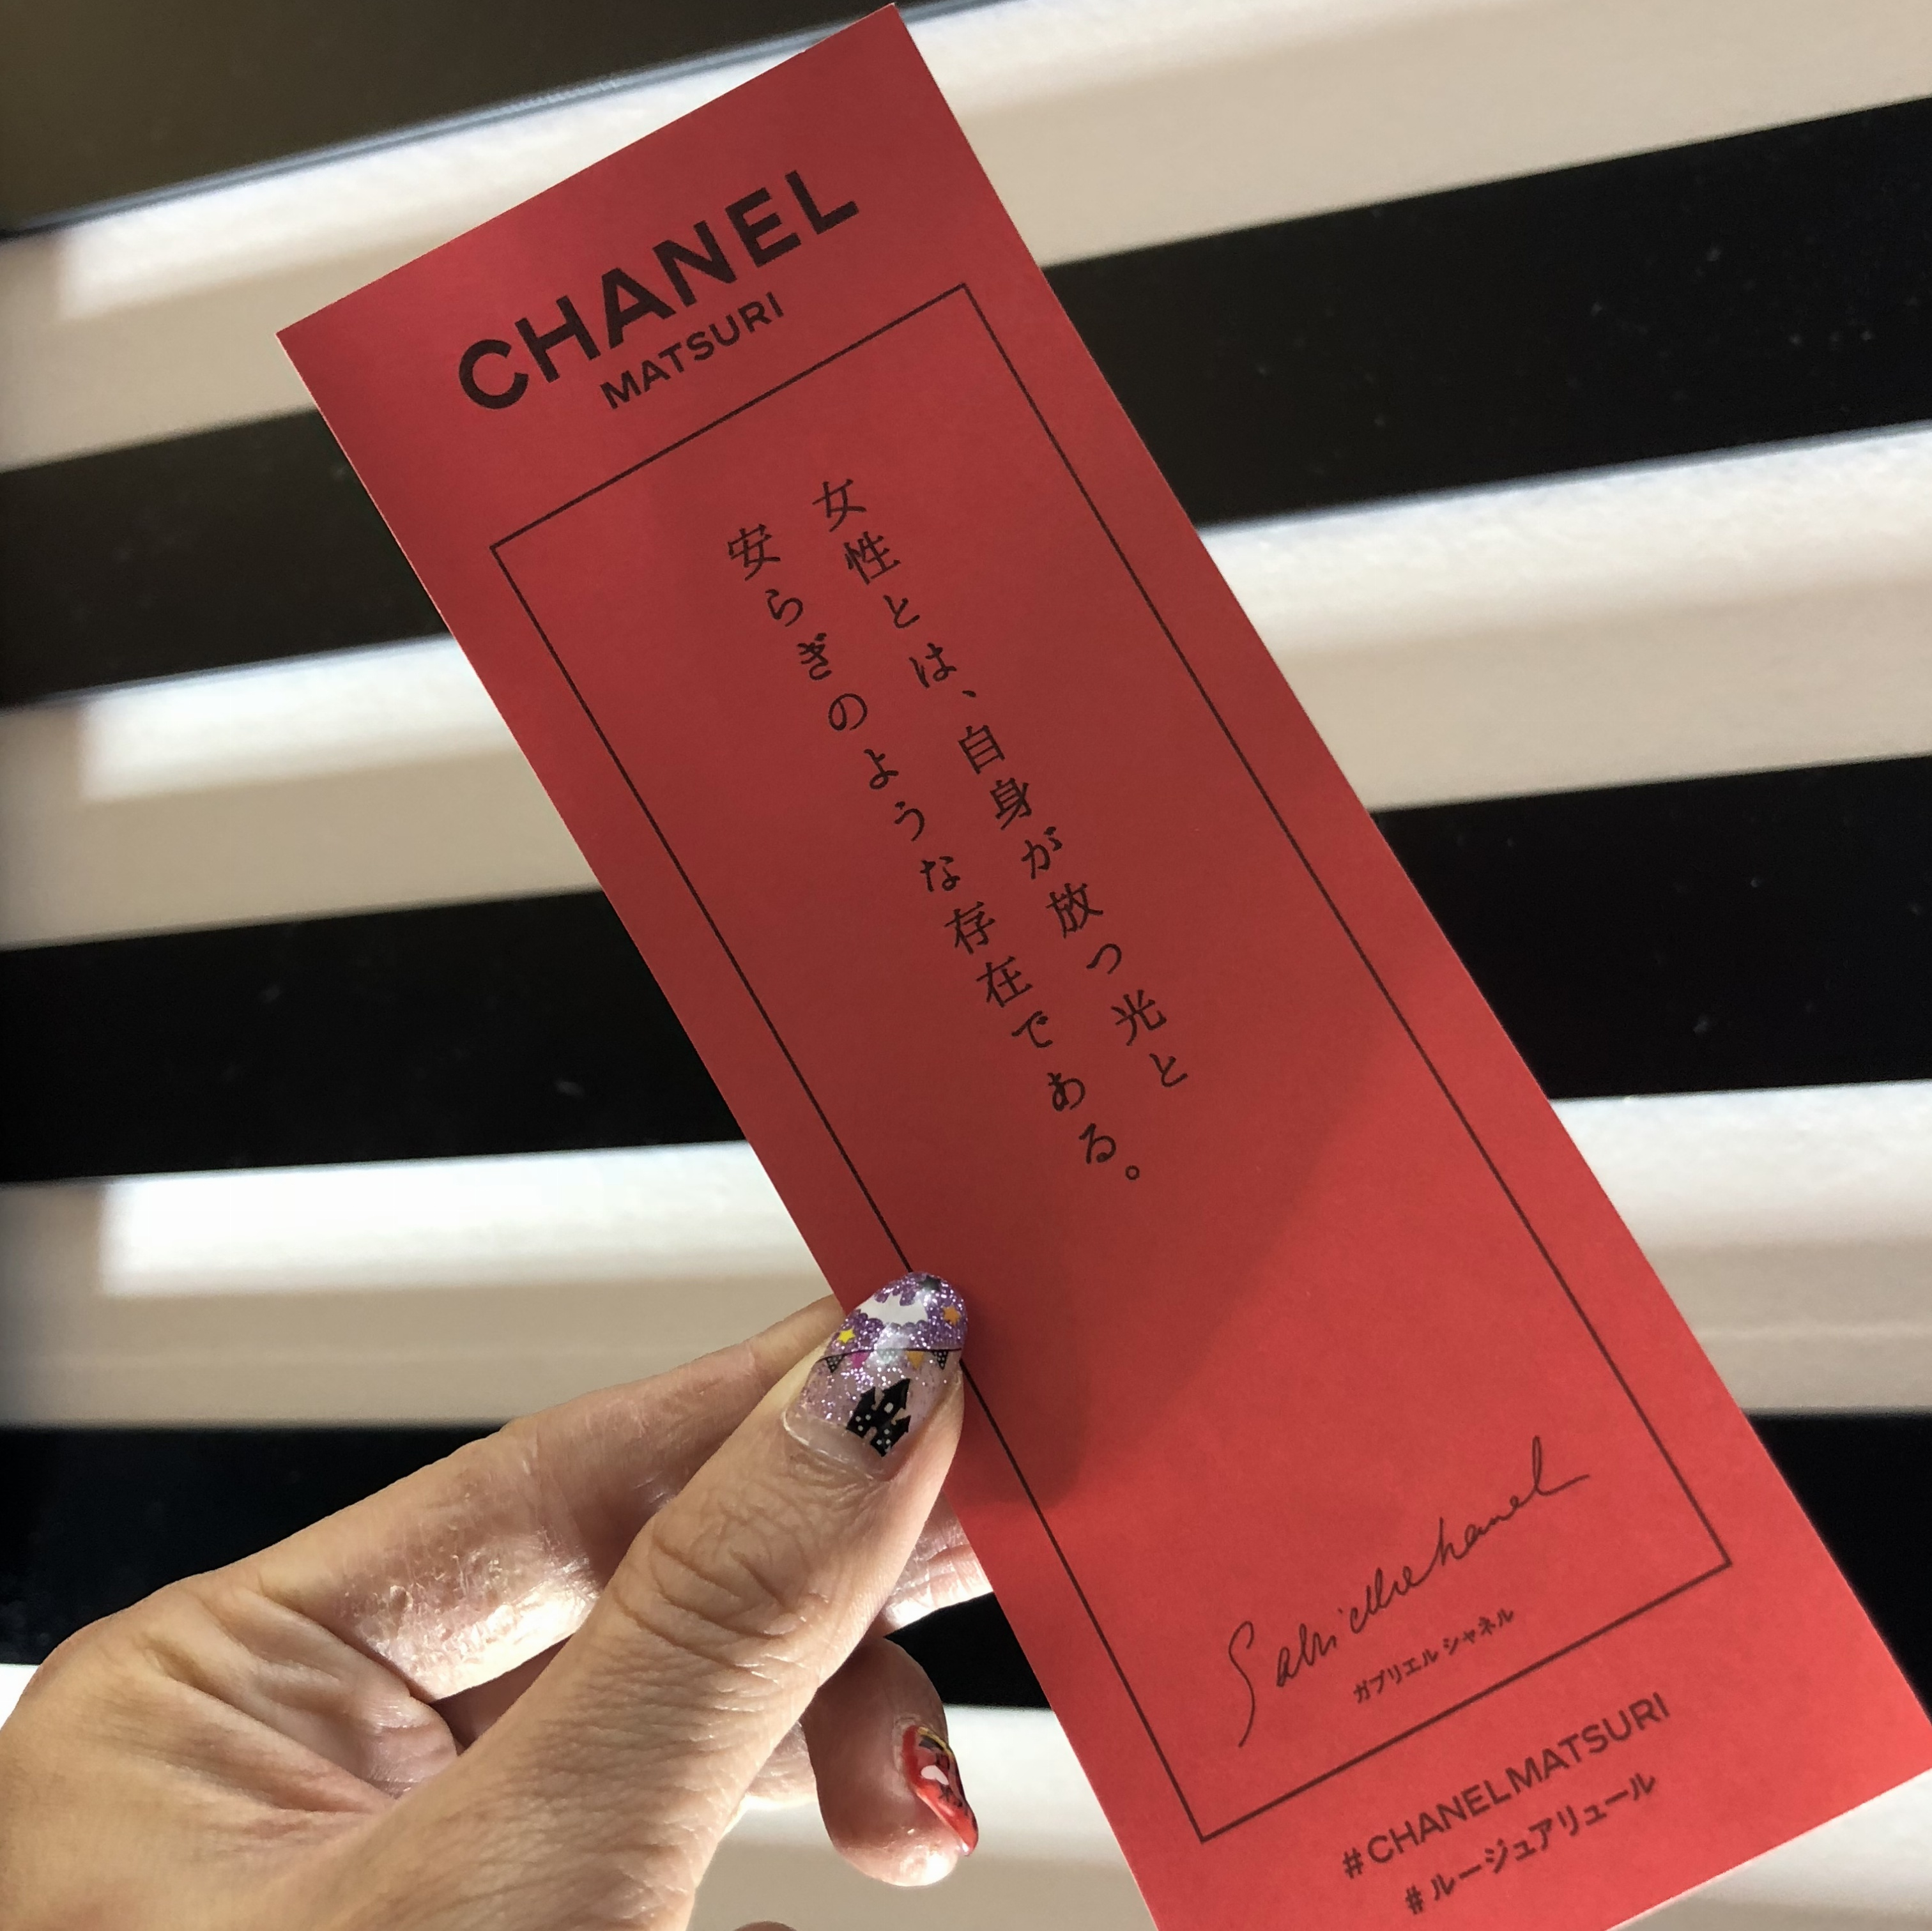 CHANELワールドに感動♡フォトスポットも沢山!CHANEL MATSURIの京都会場へ行ってきました(*˘︶˘*).。.:*♡ _6